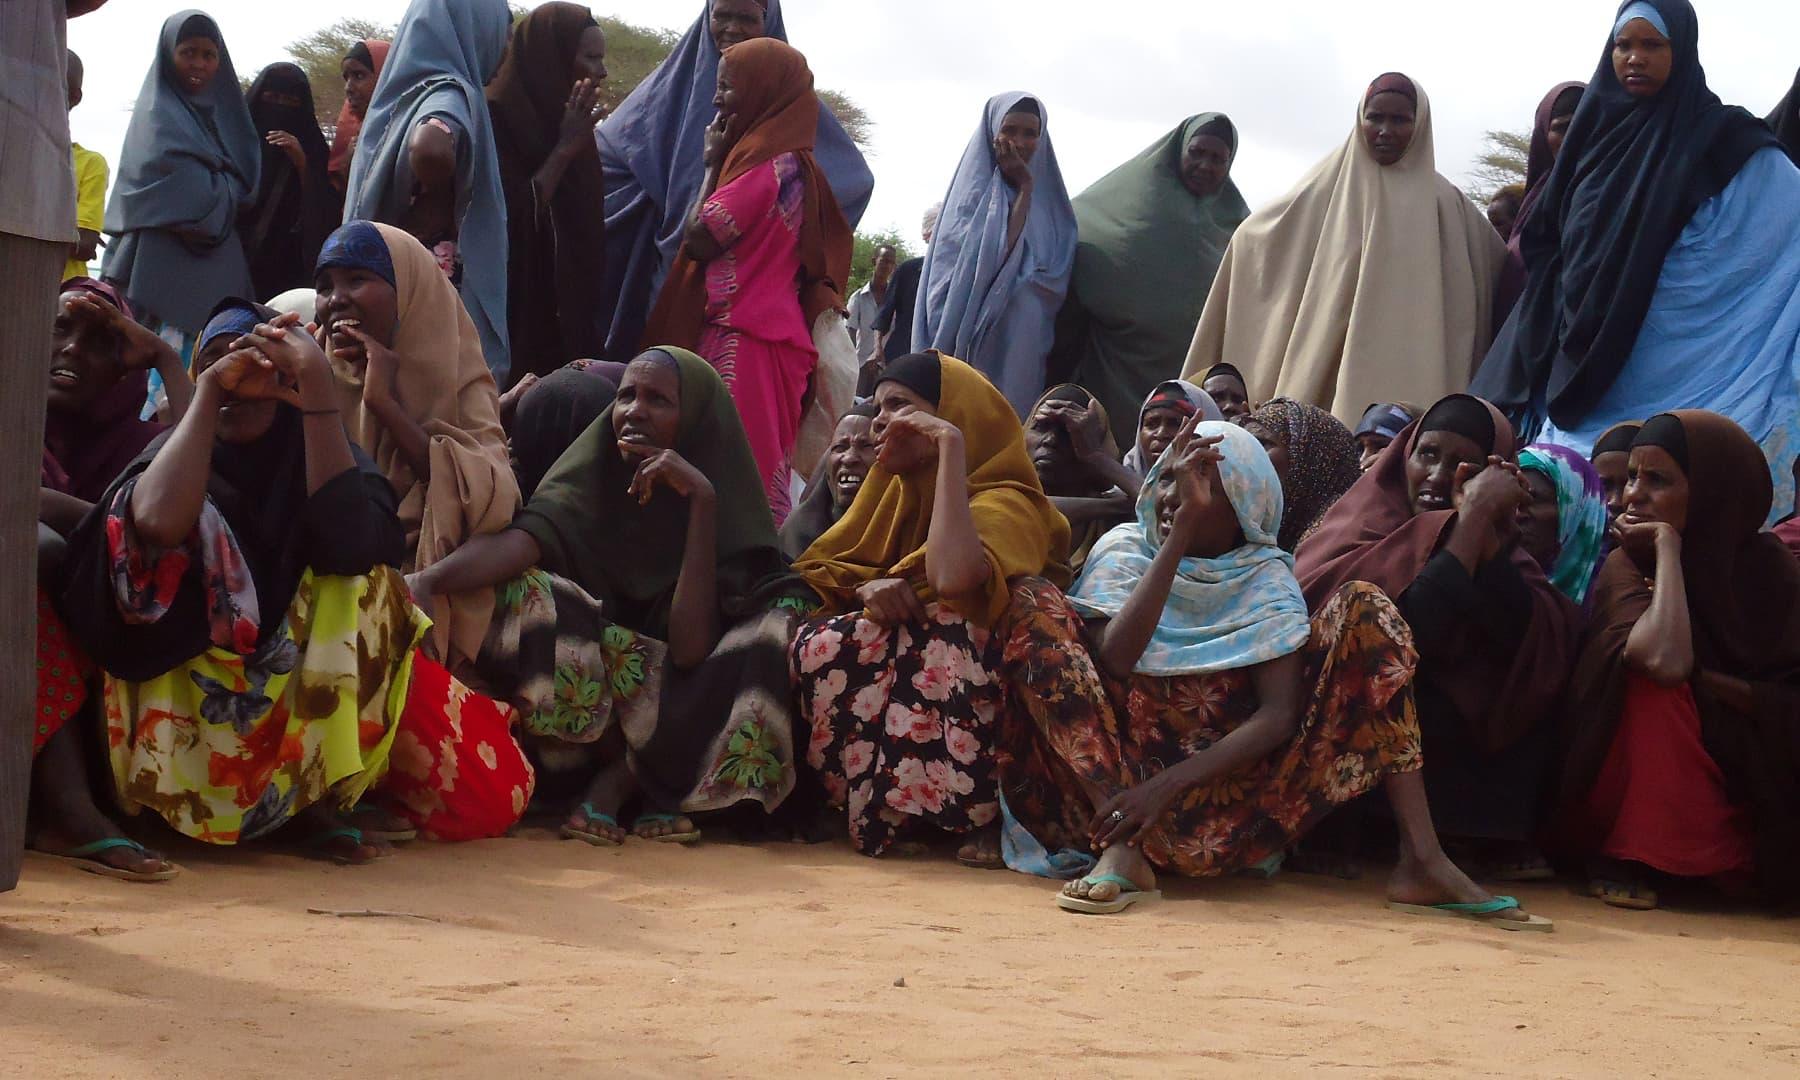 خوراک اور امداد کی منتظر خواتین— فوٹو عظمت اکبر